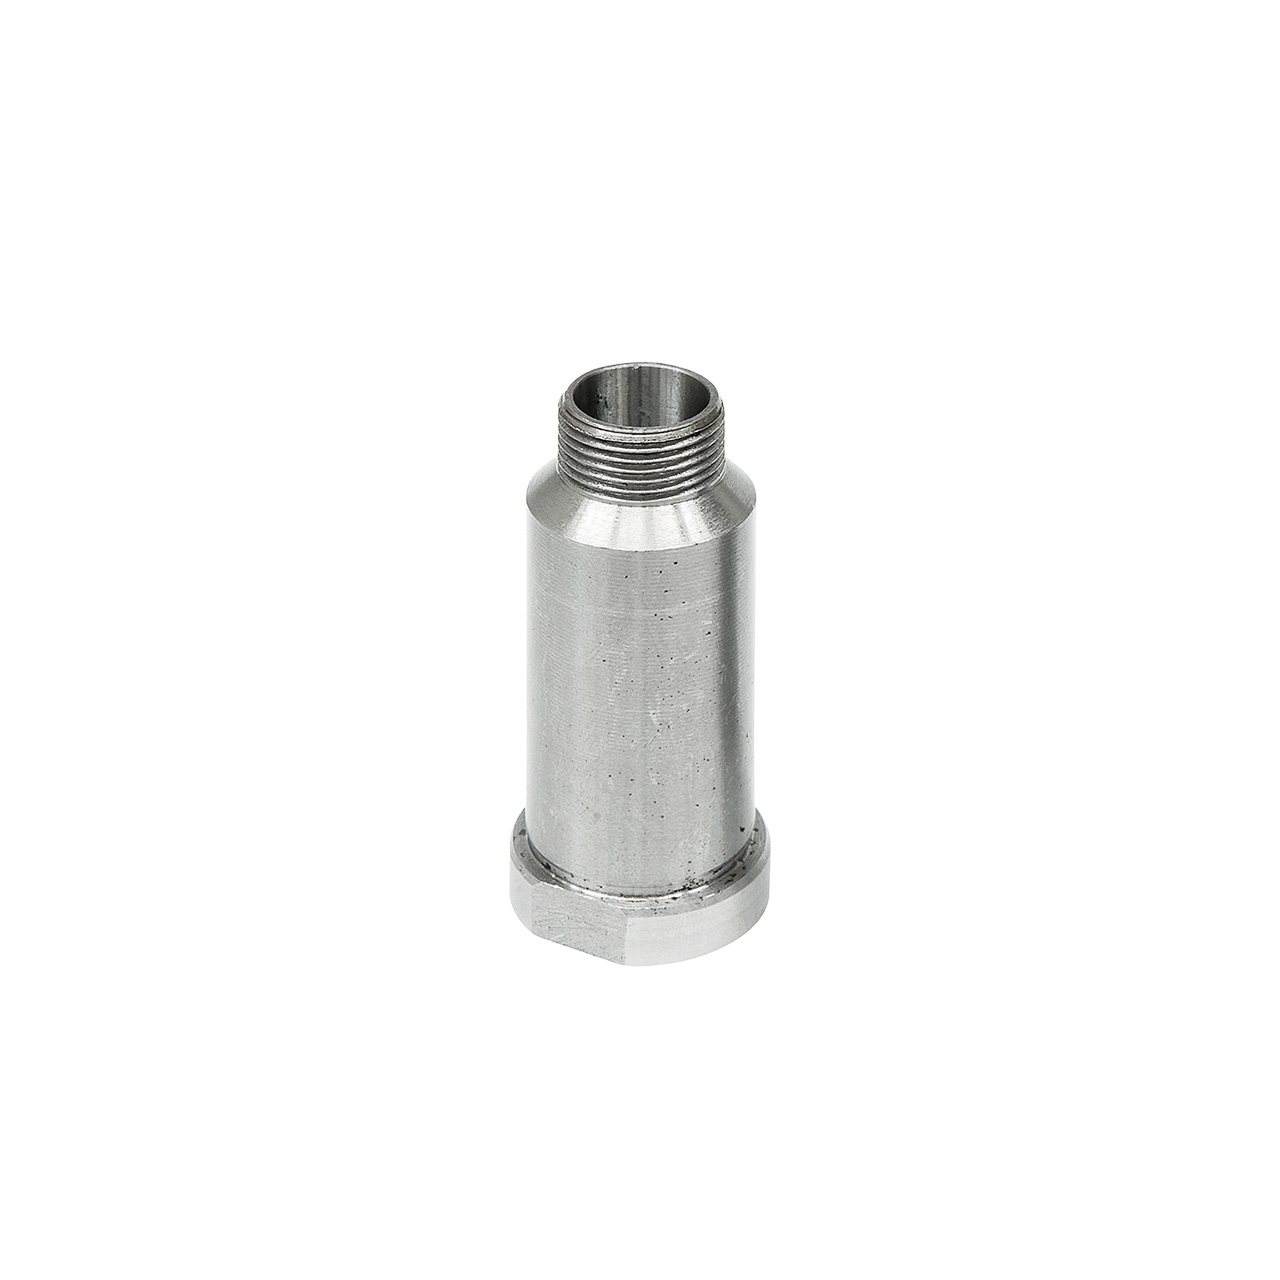 Wymienne wrzeciono do tulei 6, 8, 12 mm do T 500 PF (bez tulei) BERNARDO